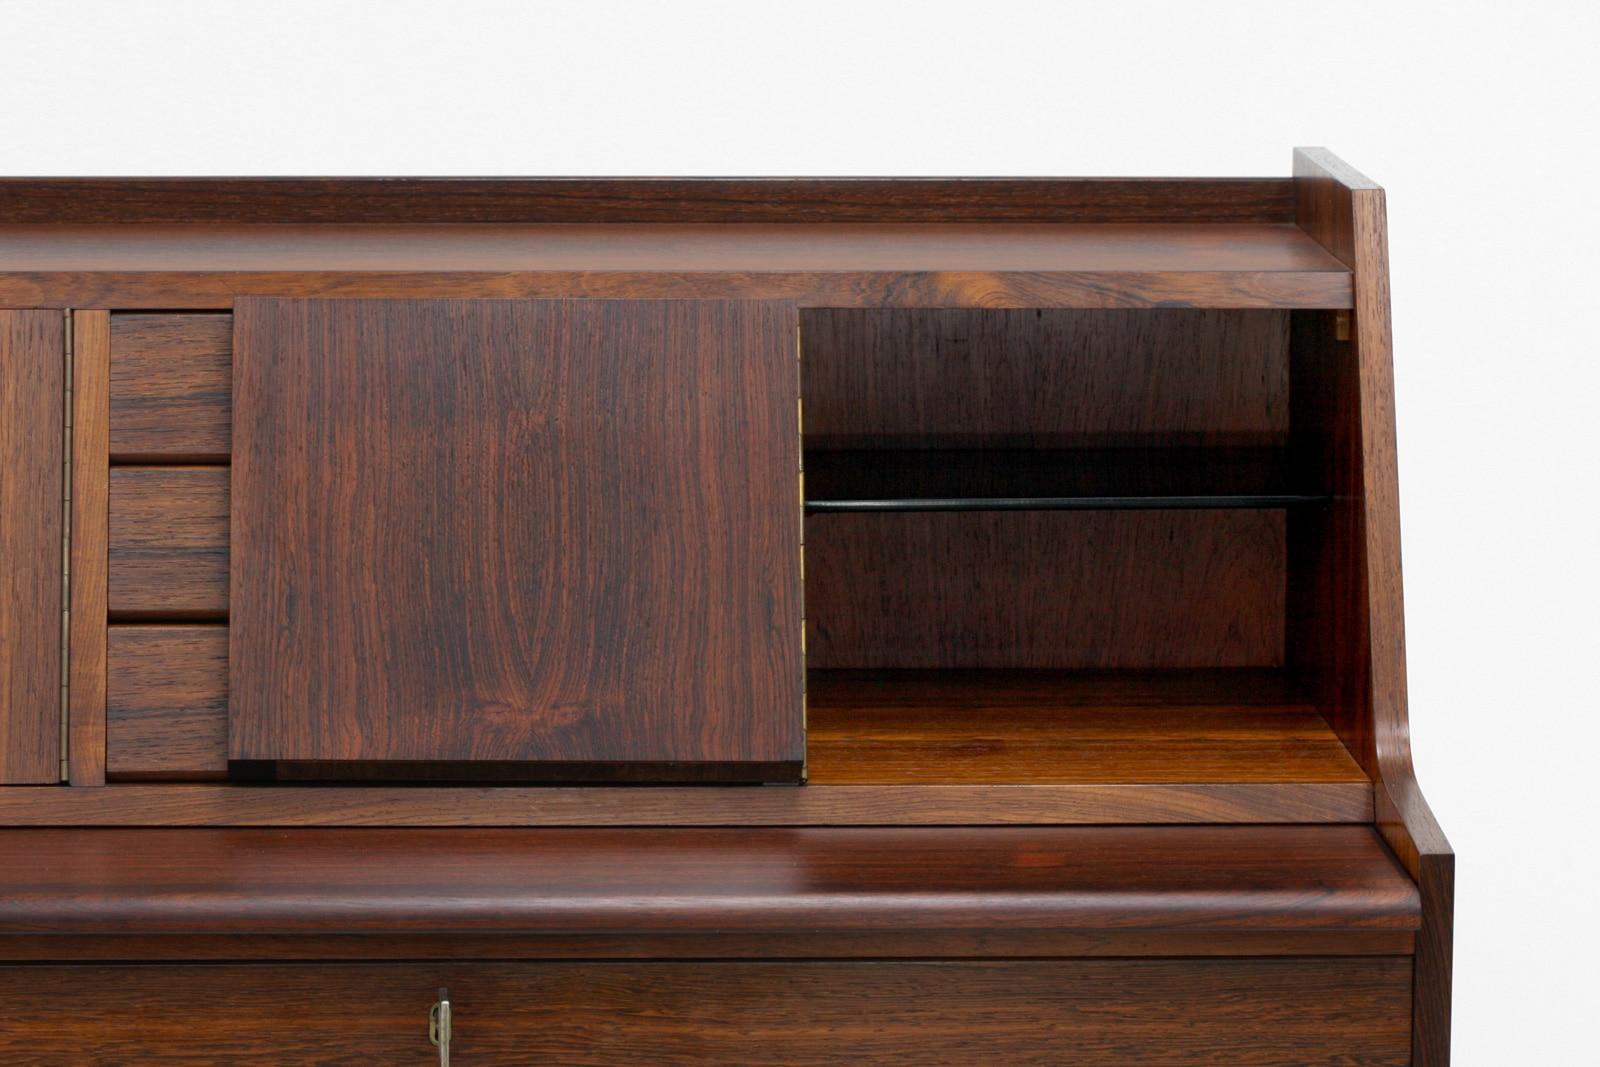 北欧,ヴィンテージ家具,ライティングビューロー,ローズウッド材,ミラー付き